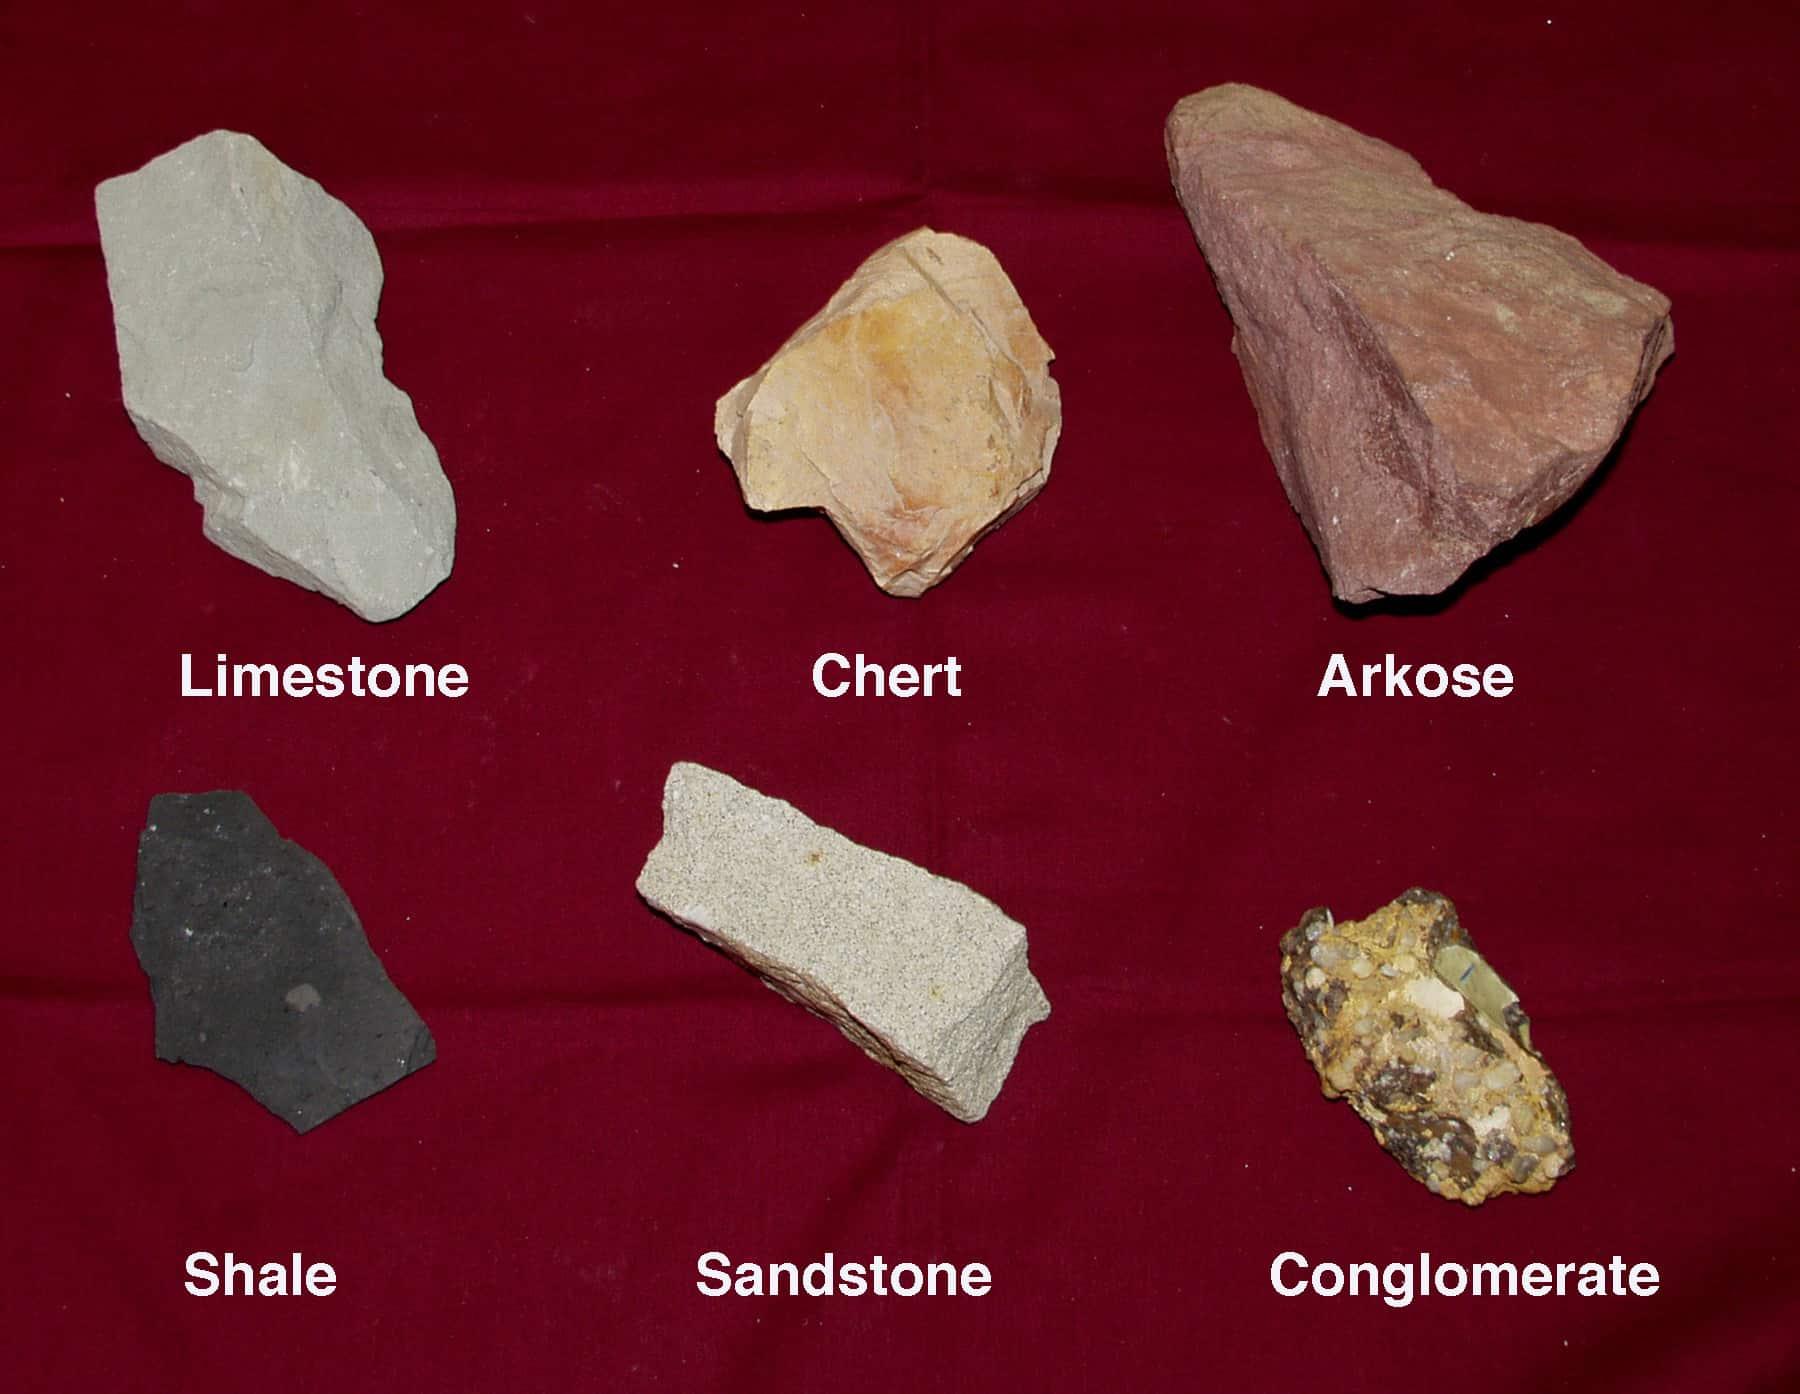 صورة انواع الصخور , تعرف بالفيديو على اشهر انواع الصخور ومسمياتها